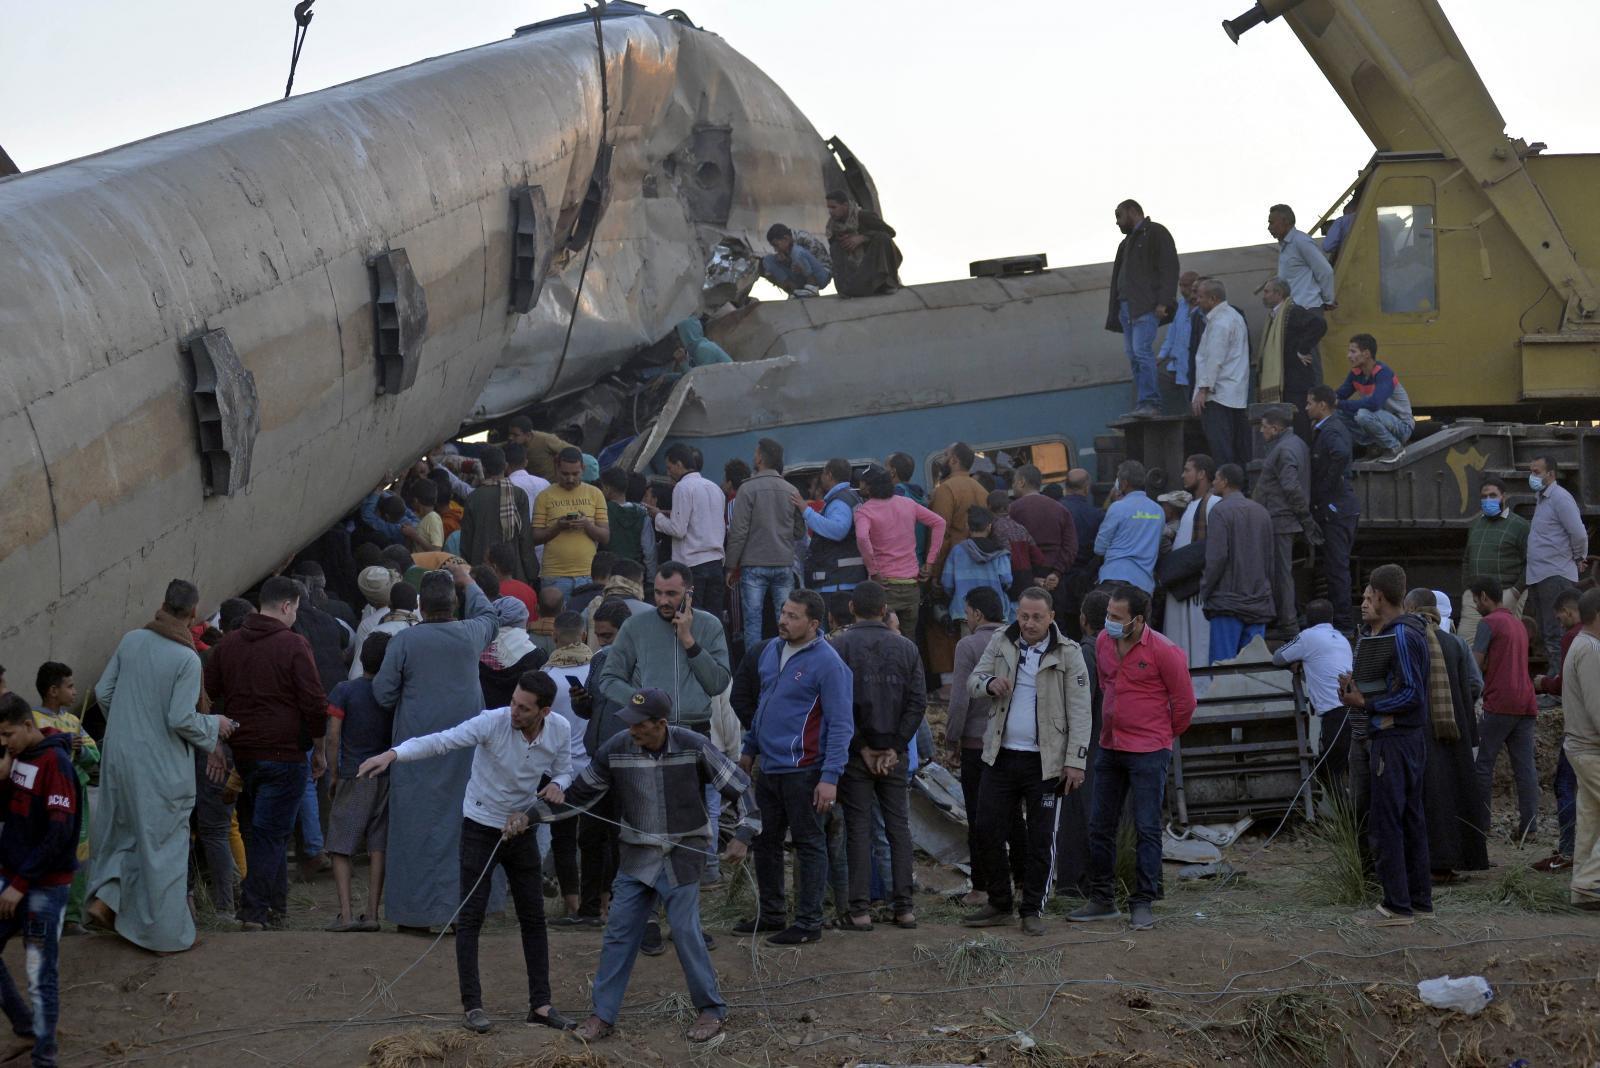 รถไฟ 2 ขบวนชนกันในอียิปต์ เสียชีวิต 32 คน